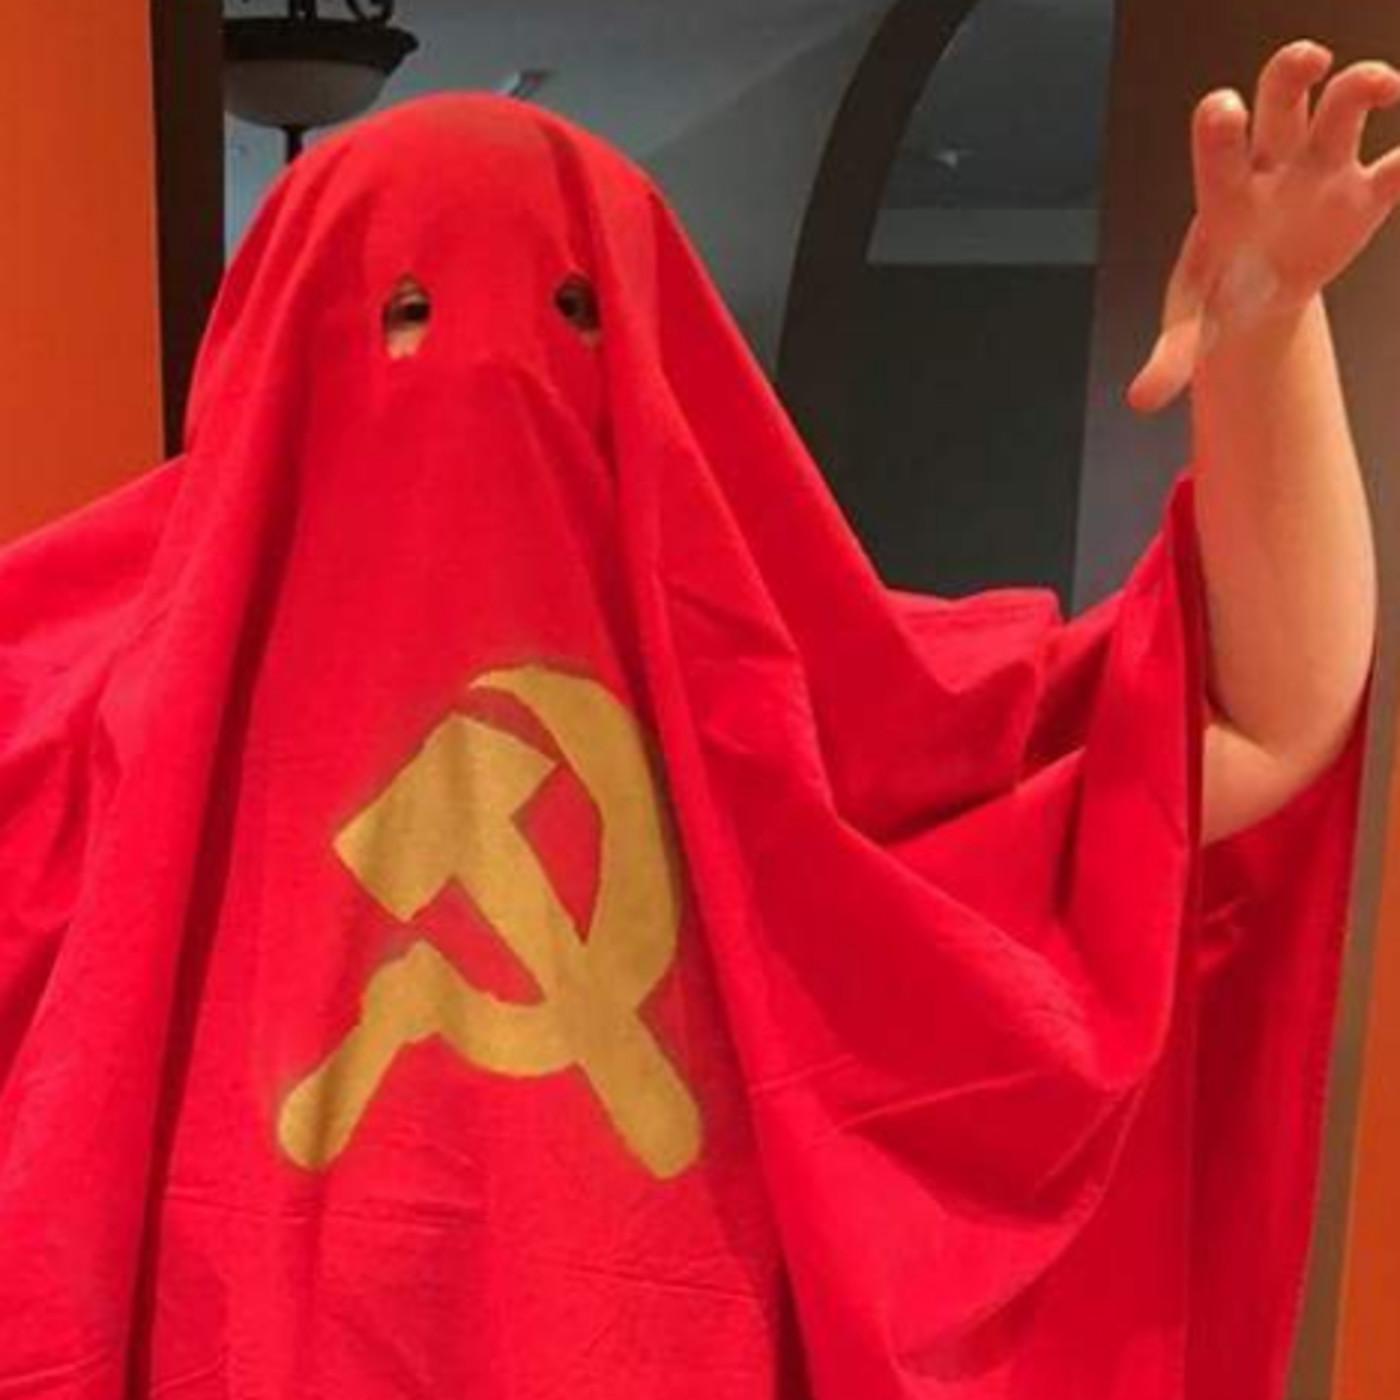 Existe uma ameaça comunista no Brasil e no Mundo?